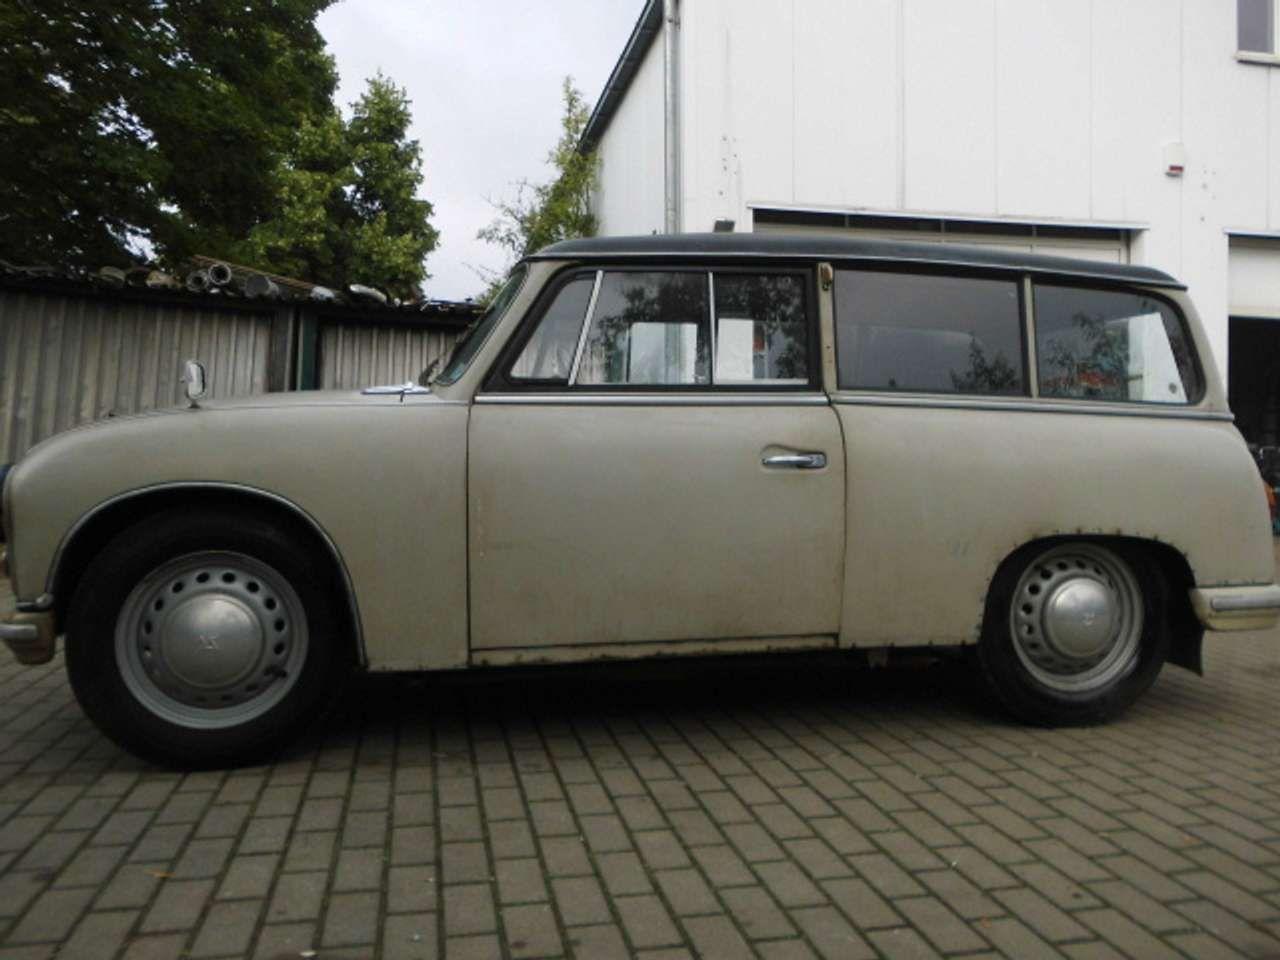 Used Trabant Trabant ad : Year 1956, 100000 km | Reezocar